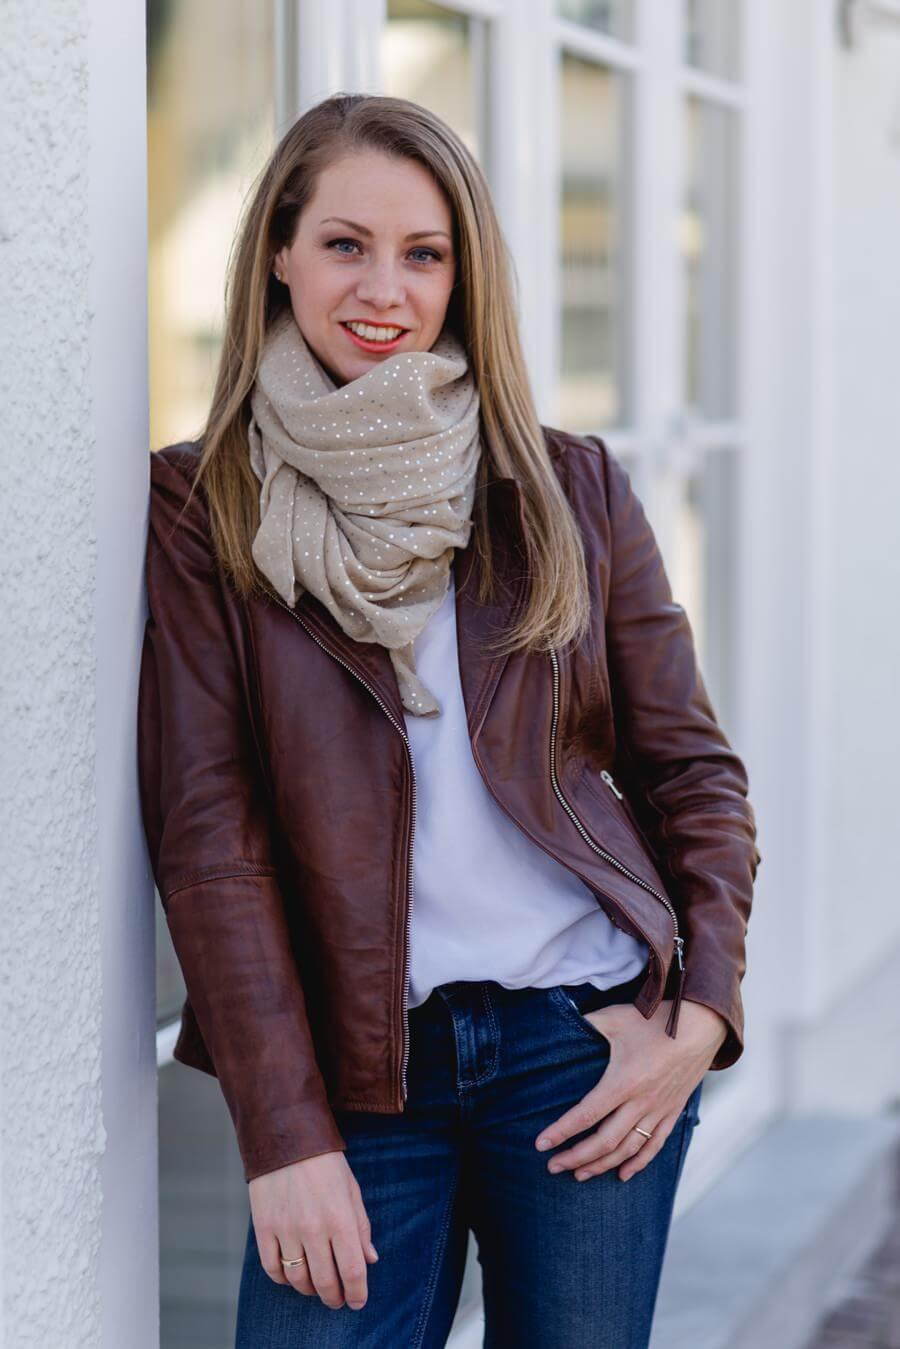 Regina Reisinger von Schneeweißchen und Rosenrot | Farb- und Stilberatung - Foto von Stefanie Reindl Photography